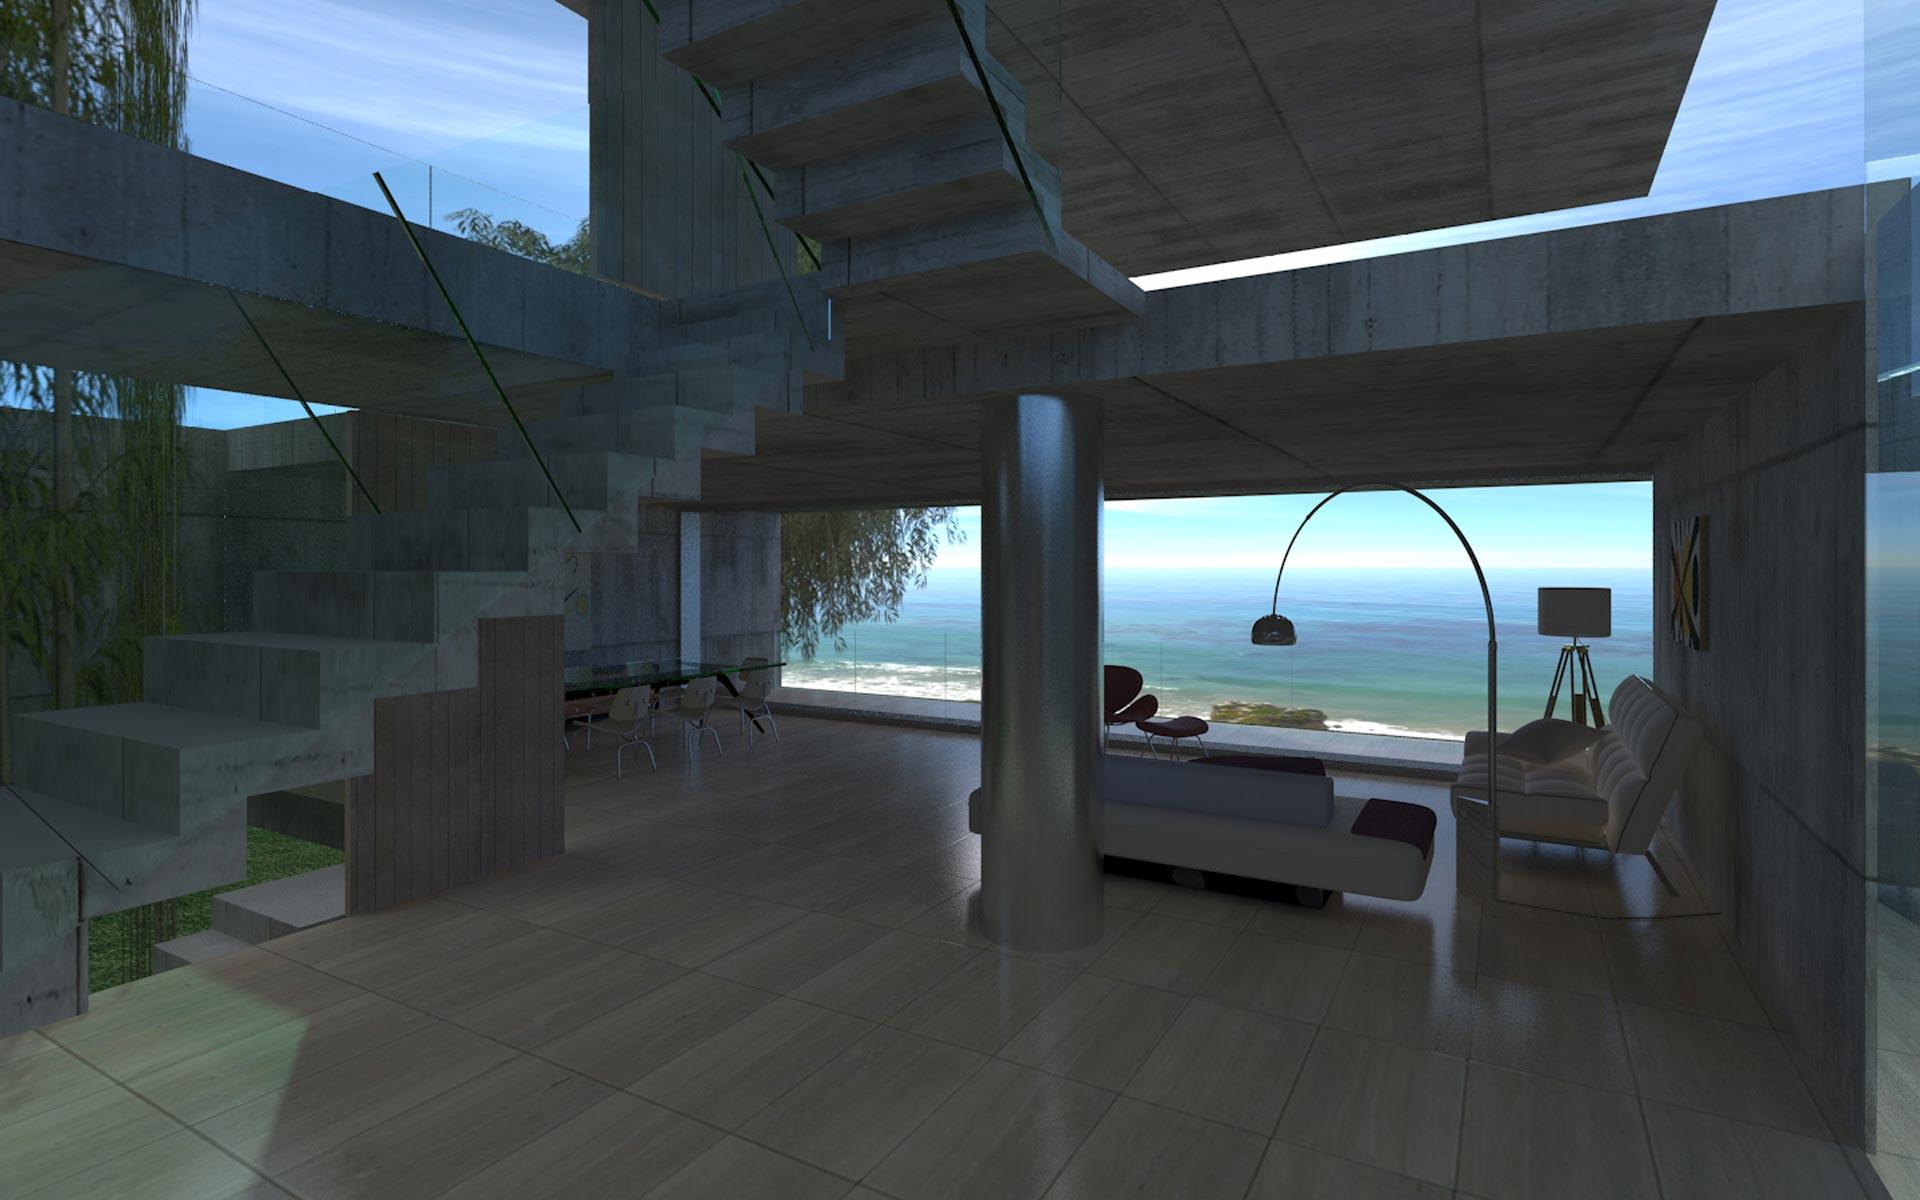 Arquitectura, casa en la playa de hormigón visto, doble altura, columna de acero inoxidable y escalera plegado de hormigón con baranda de vidrio